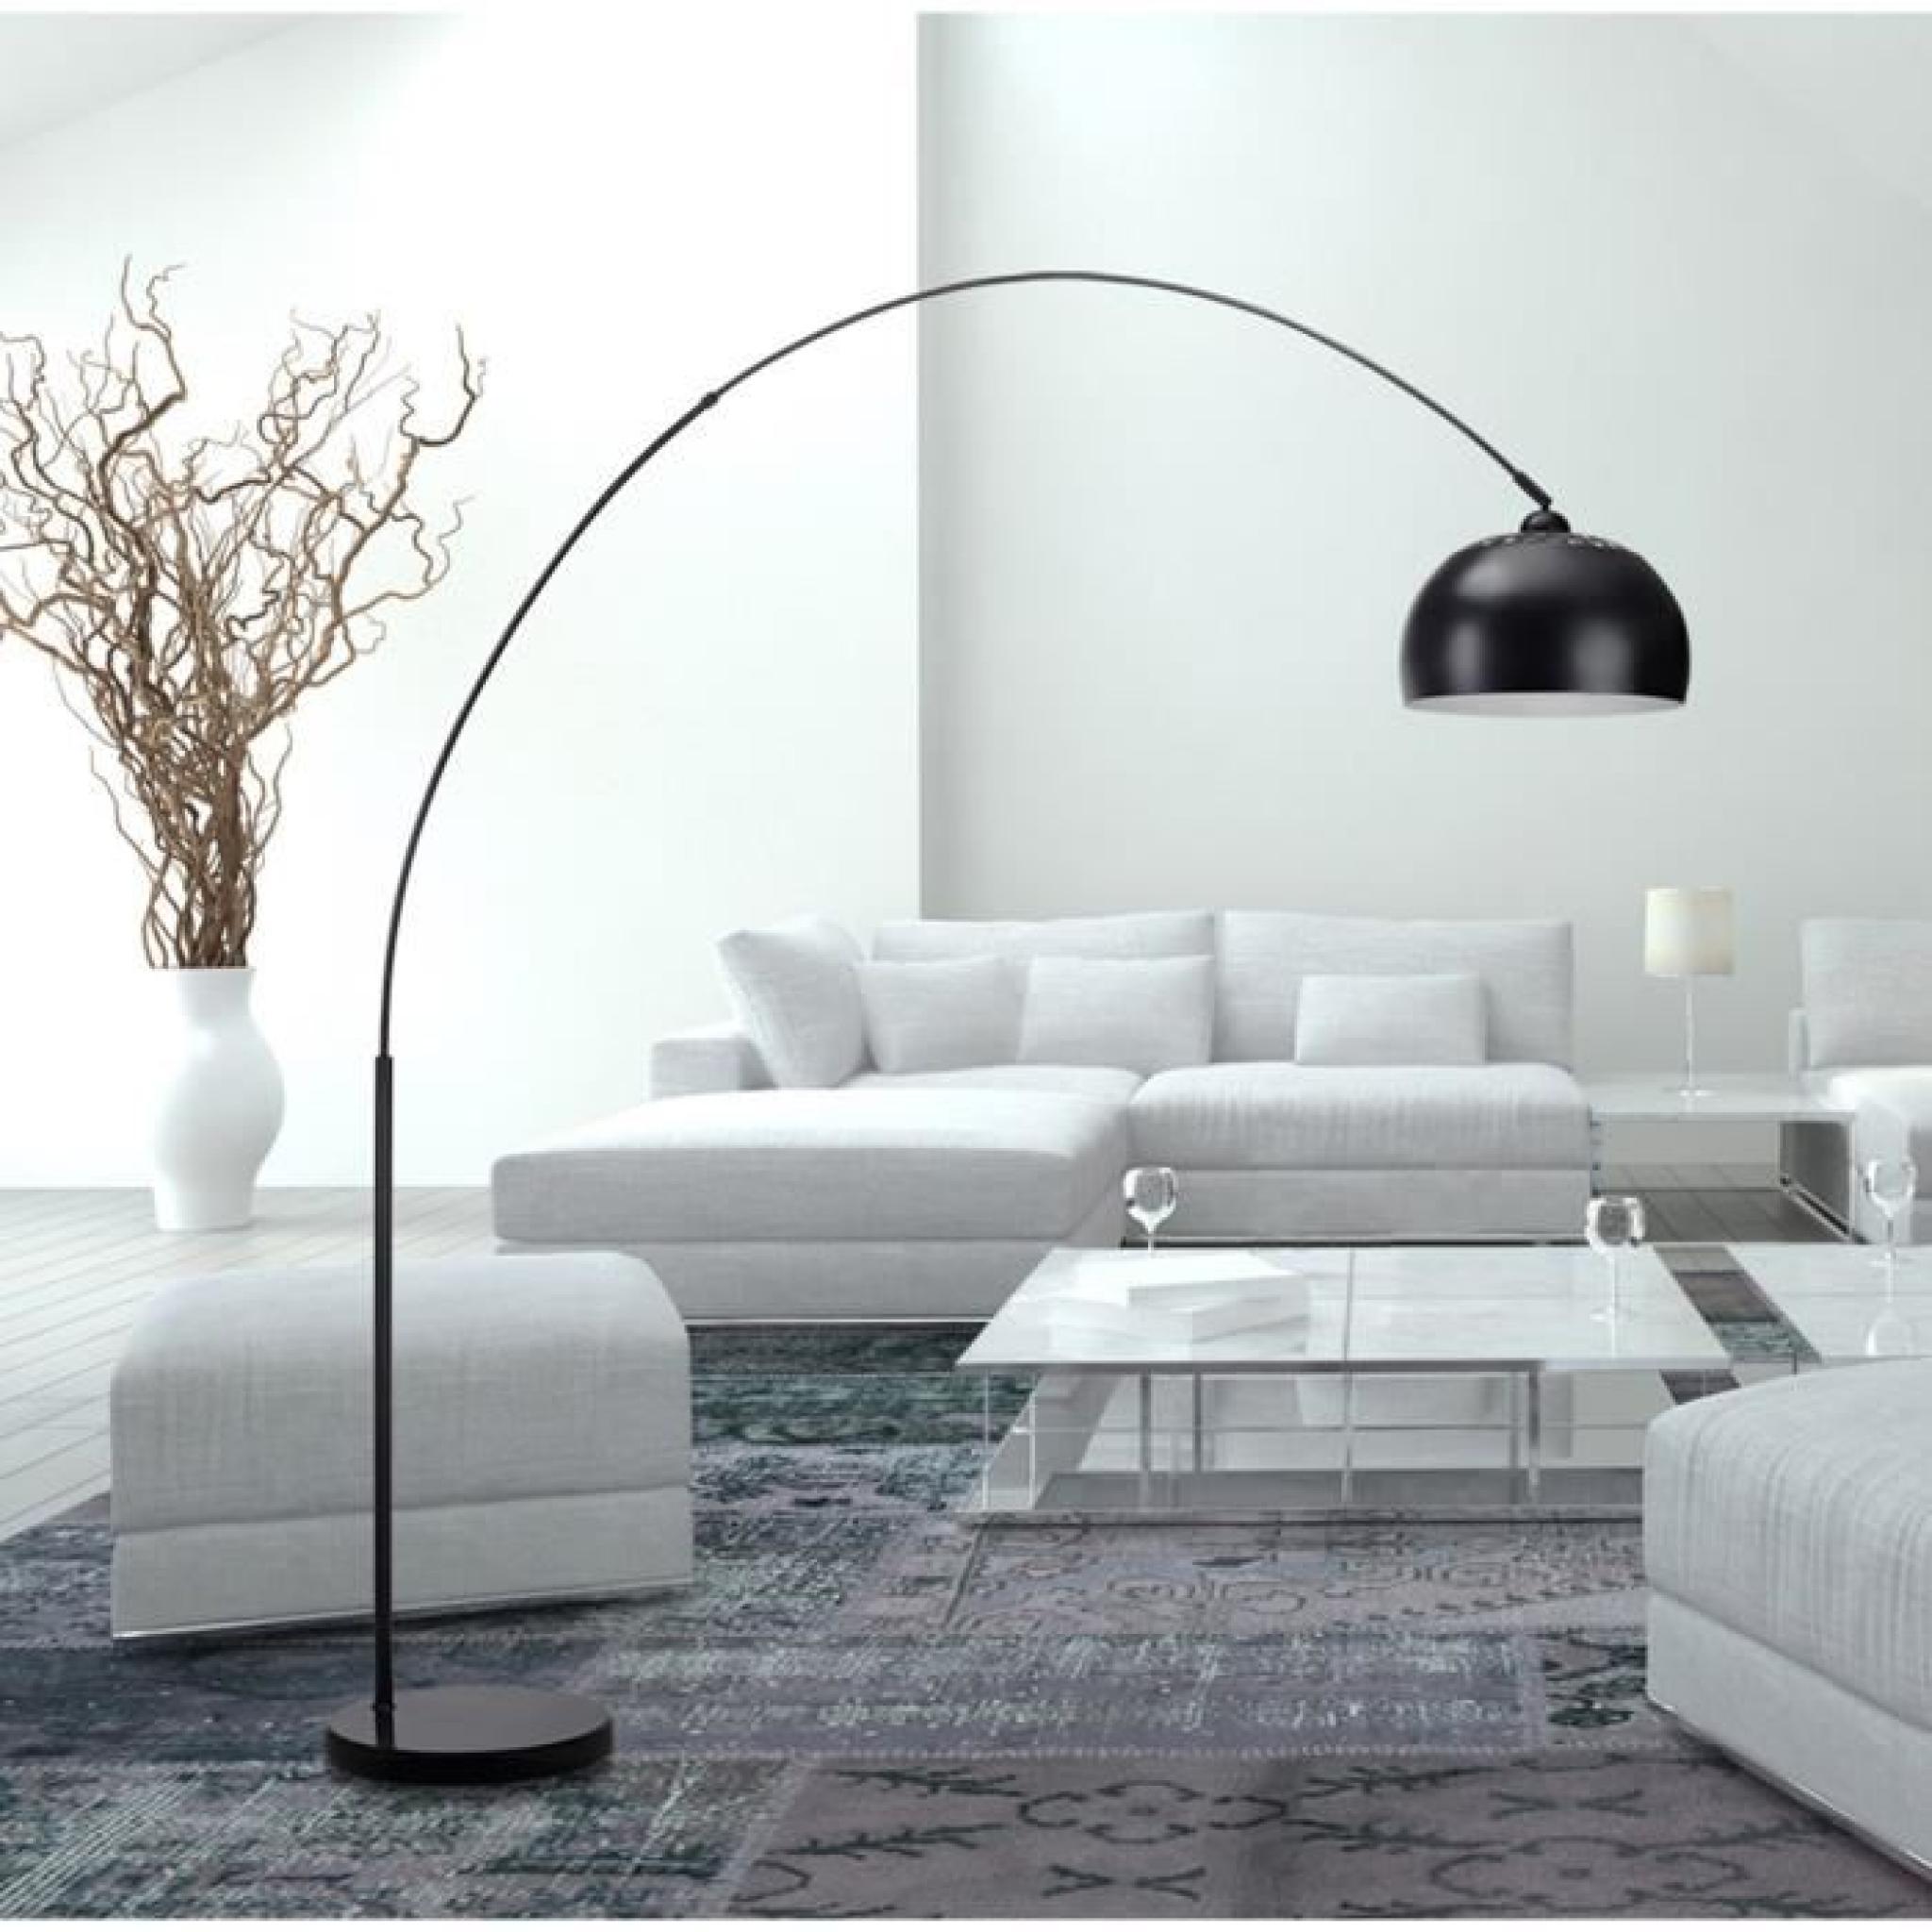 bigarc lampadaire arc h202 noir achat vente lampadaire. Black Bedroom Furniture Sets. Home Design Ideas